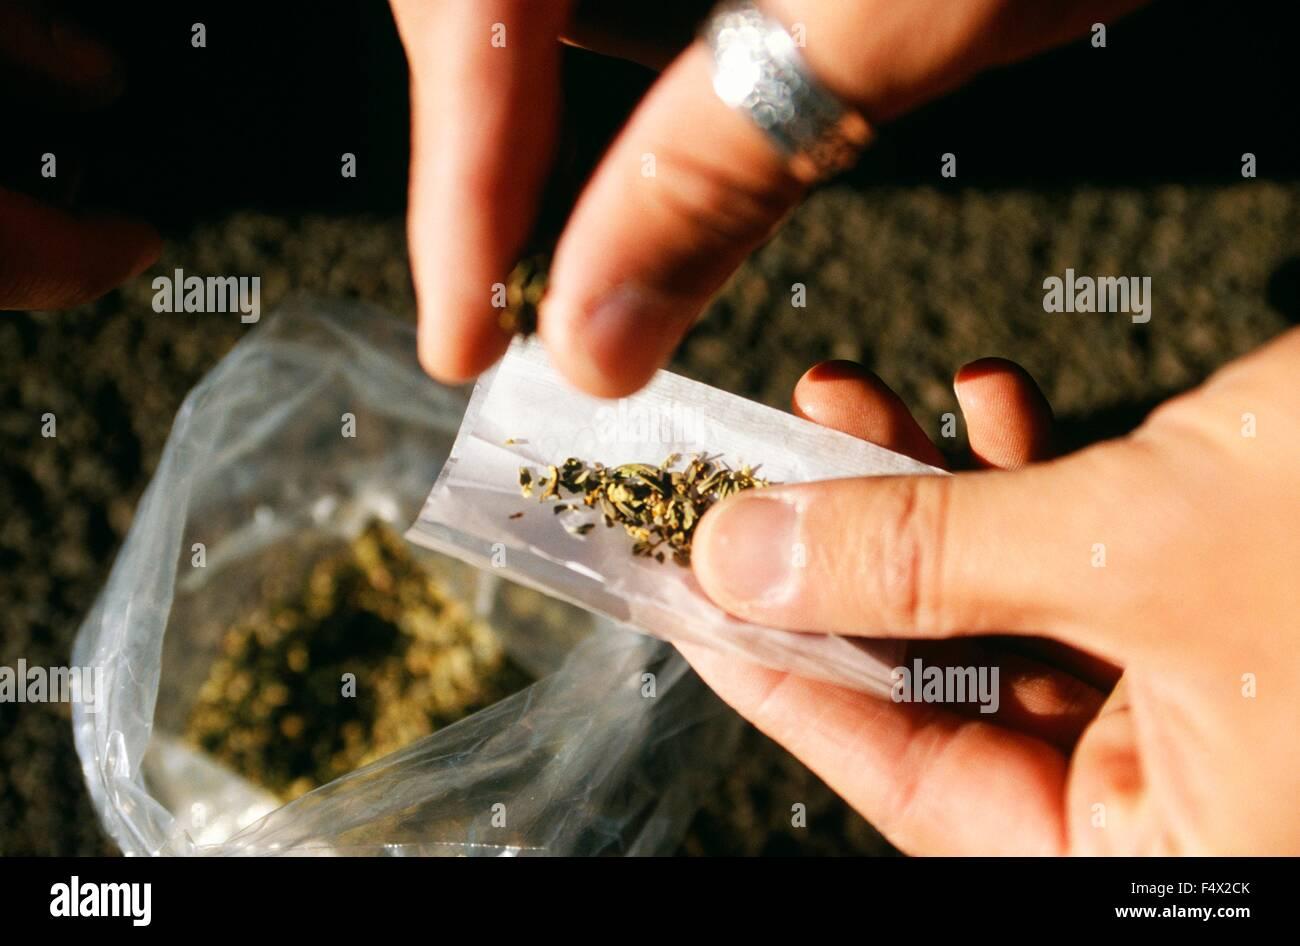 Un toxicómano rollos una articulación utilizando un cannabinoide sintético llamado Spice utilizar Imagen De Stock